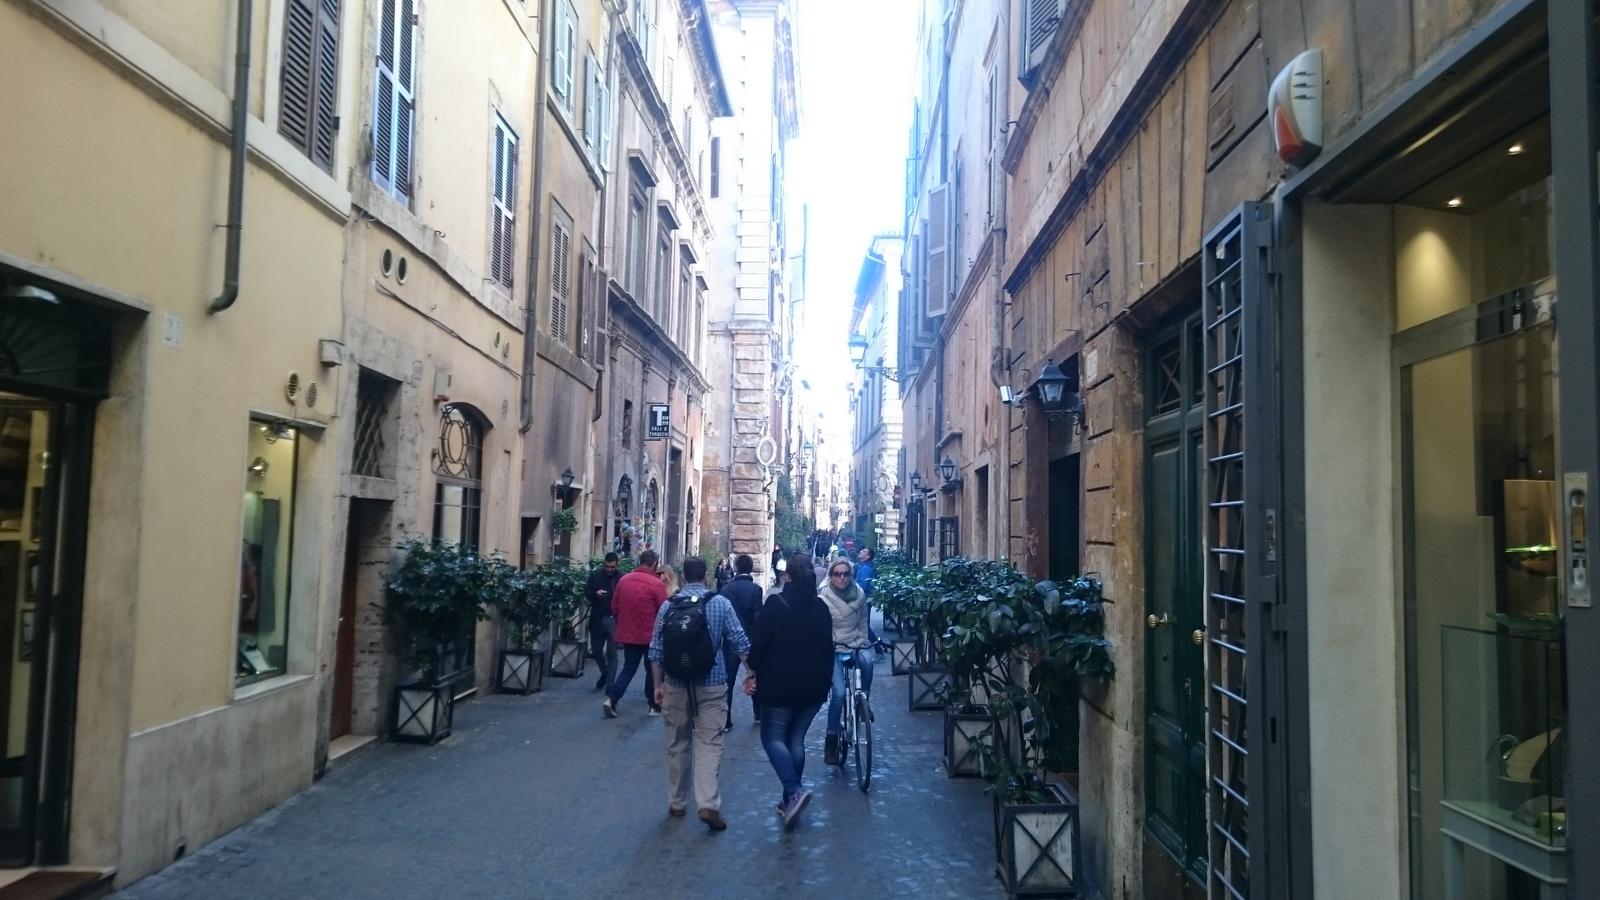 beschaulich wirkt der Alltag auf der Via dei Vascellari im alten Stadtviertel Travestere